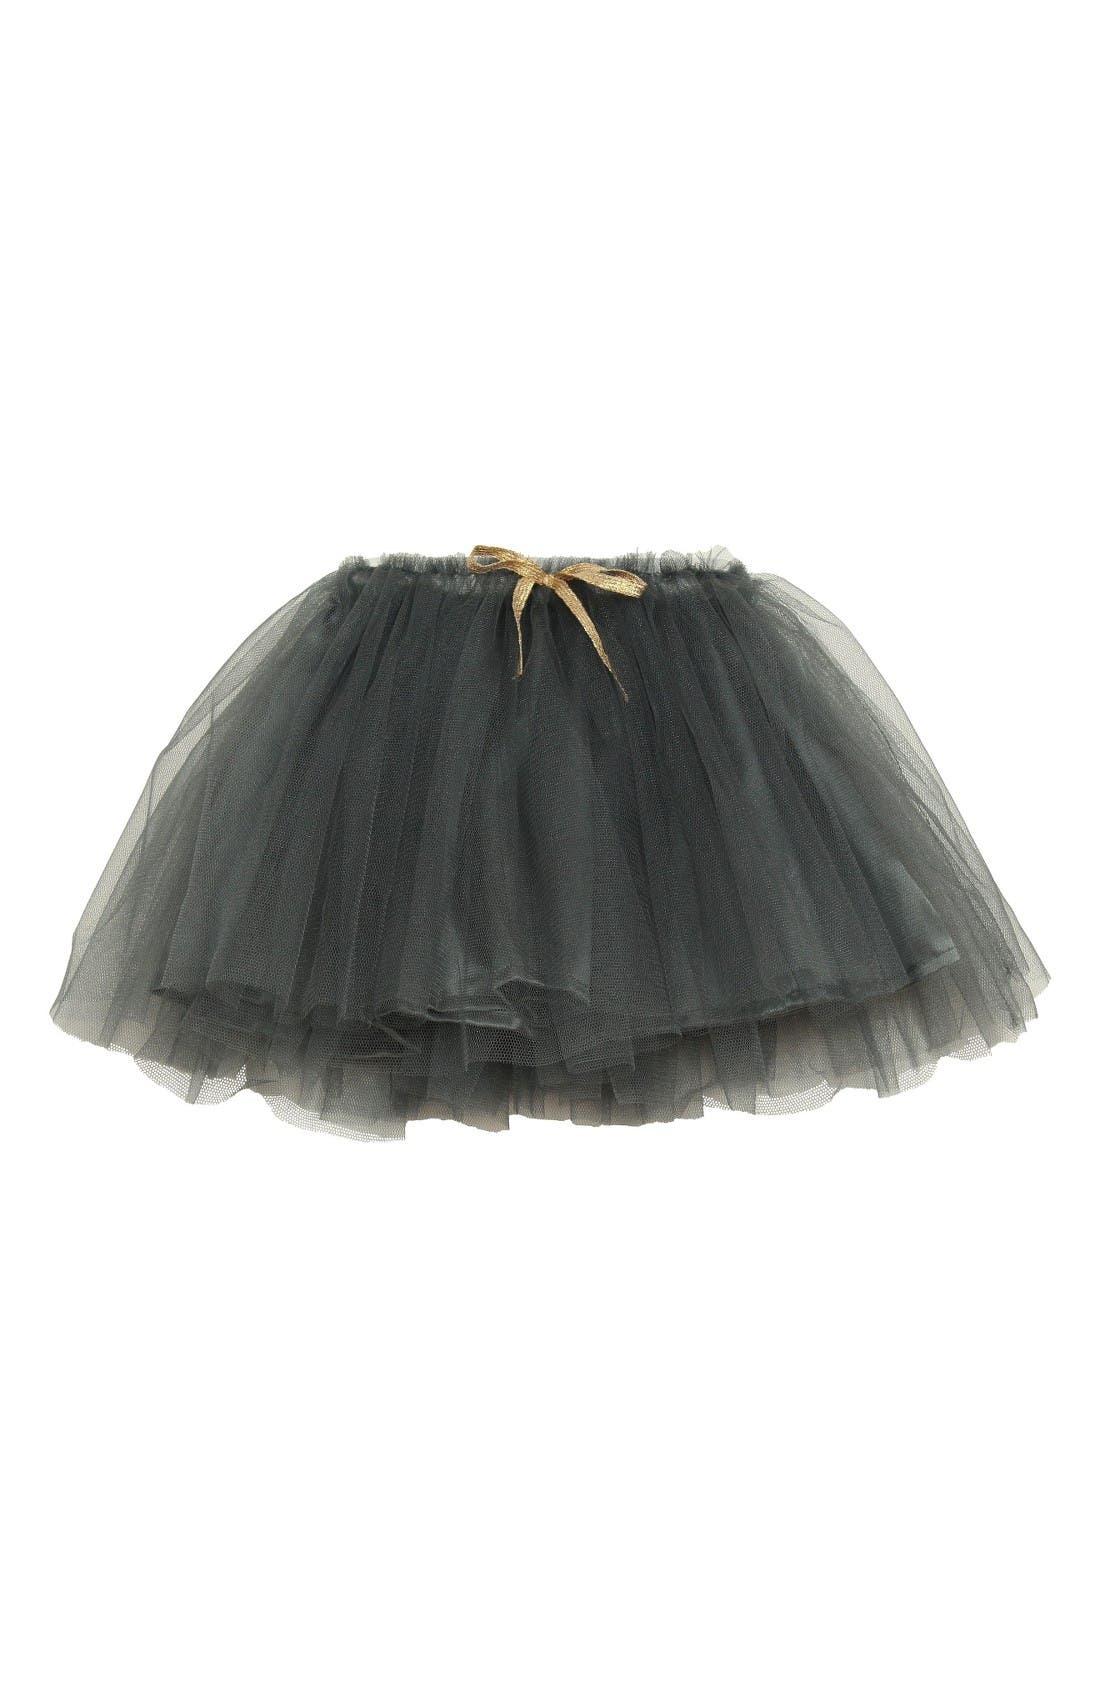 Main Image - Popatu Tutu Skirt (Baby Girls)